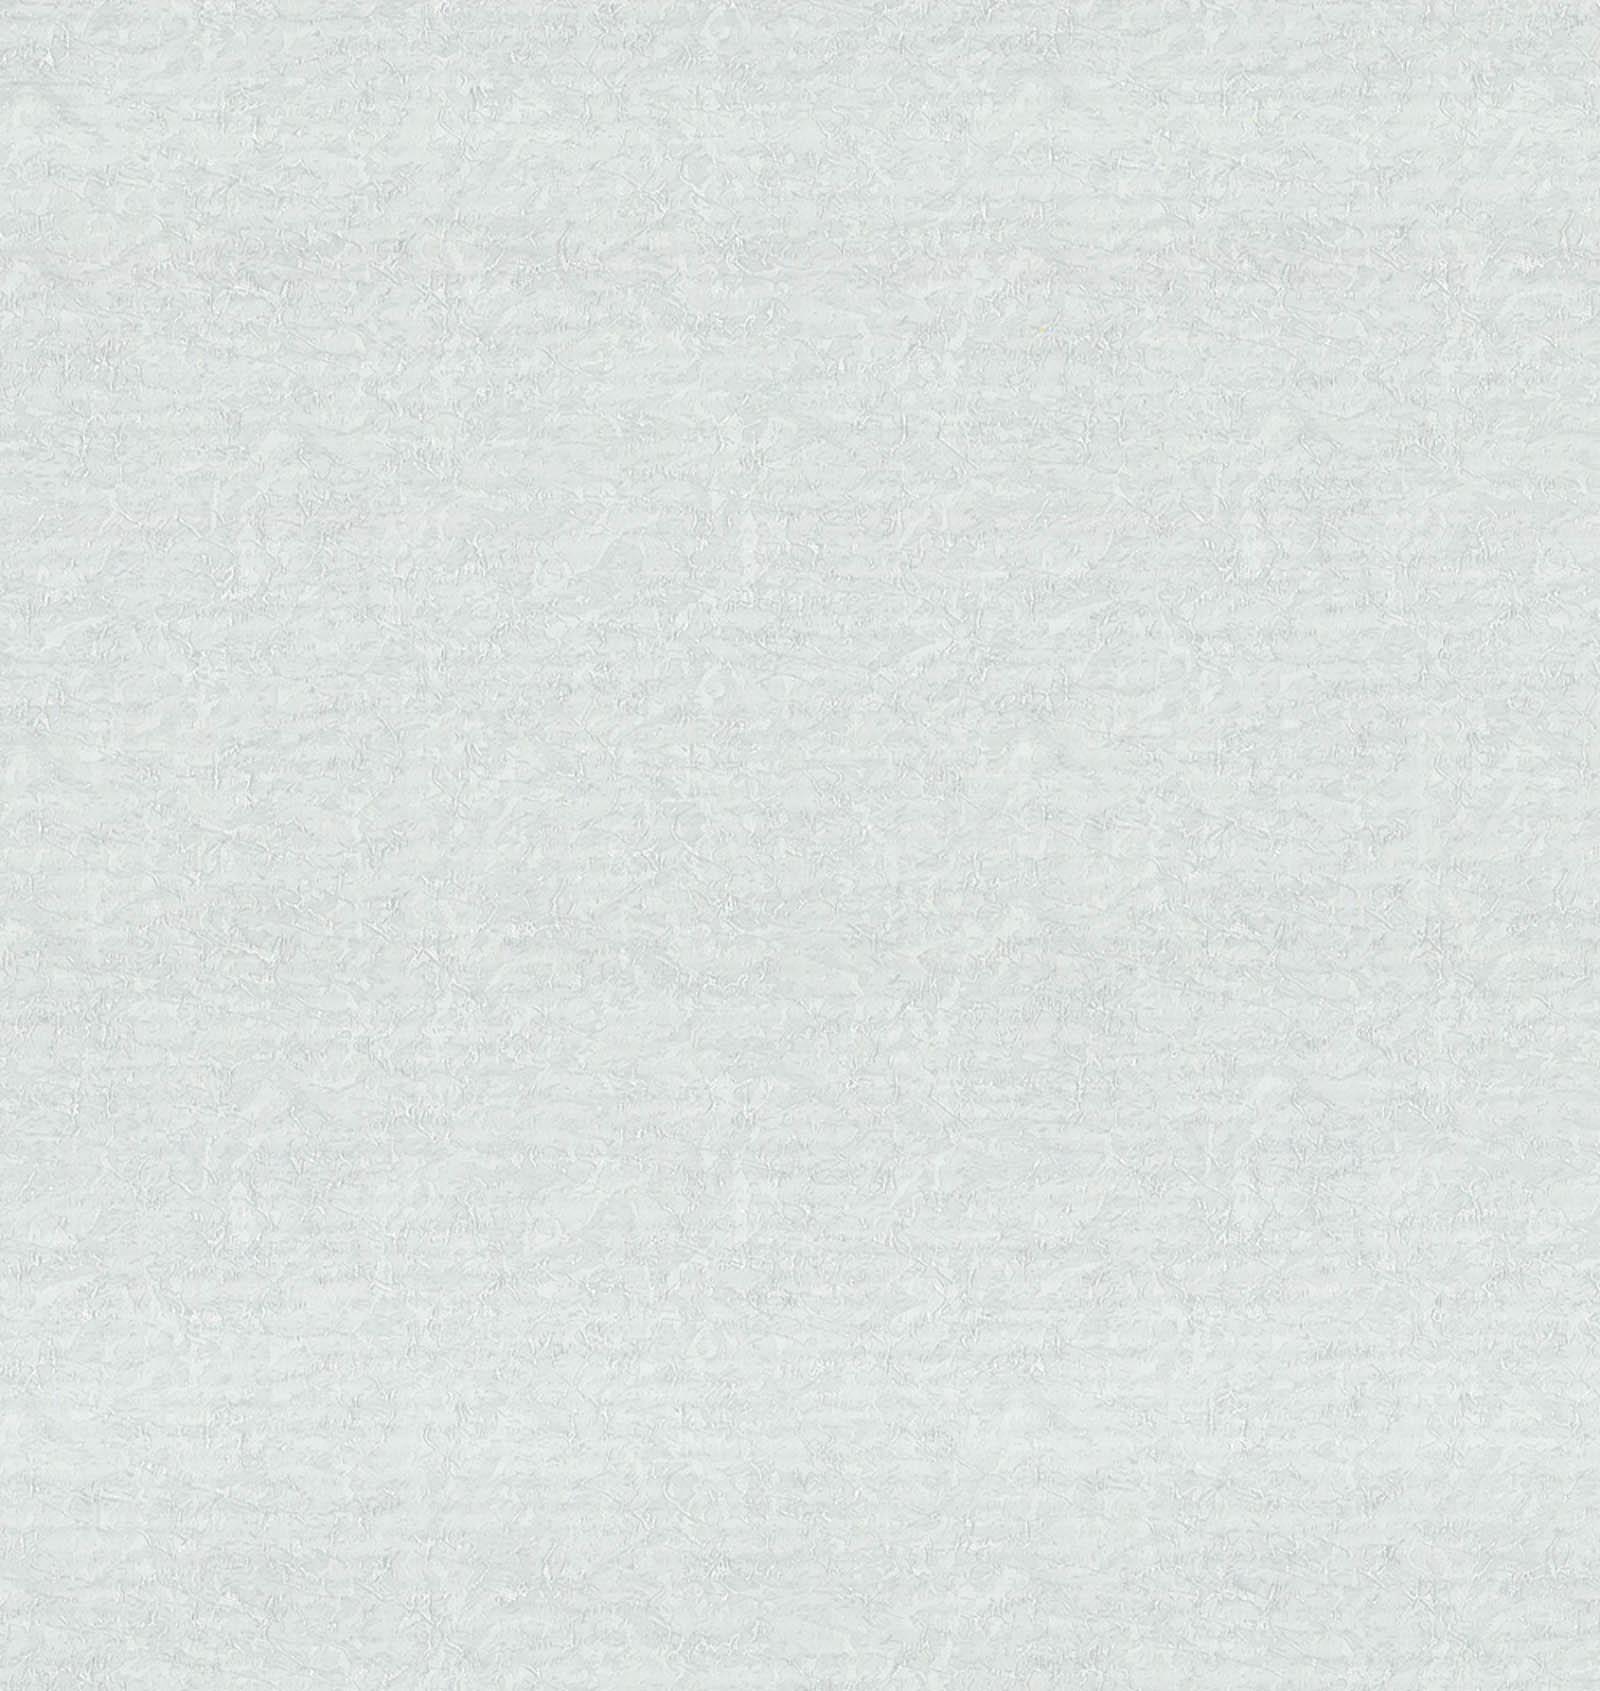 Рулонные шторы Уни2 Шелк_Intжемчужно-серый